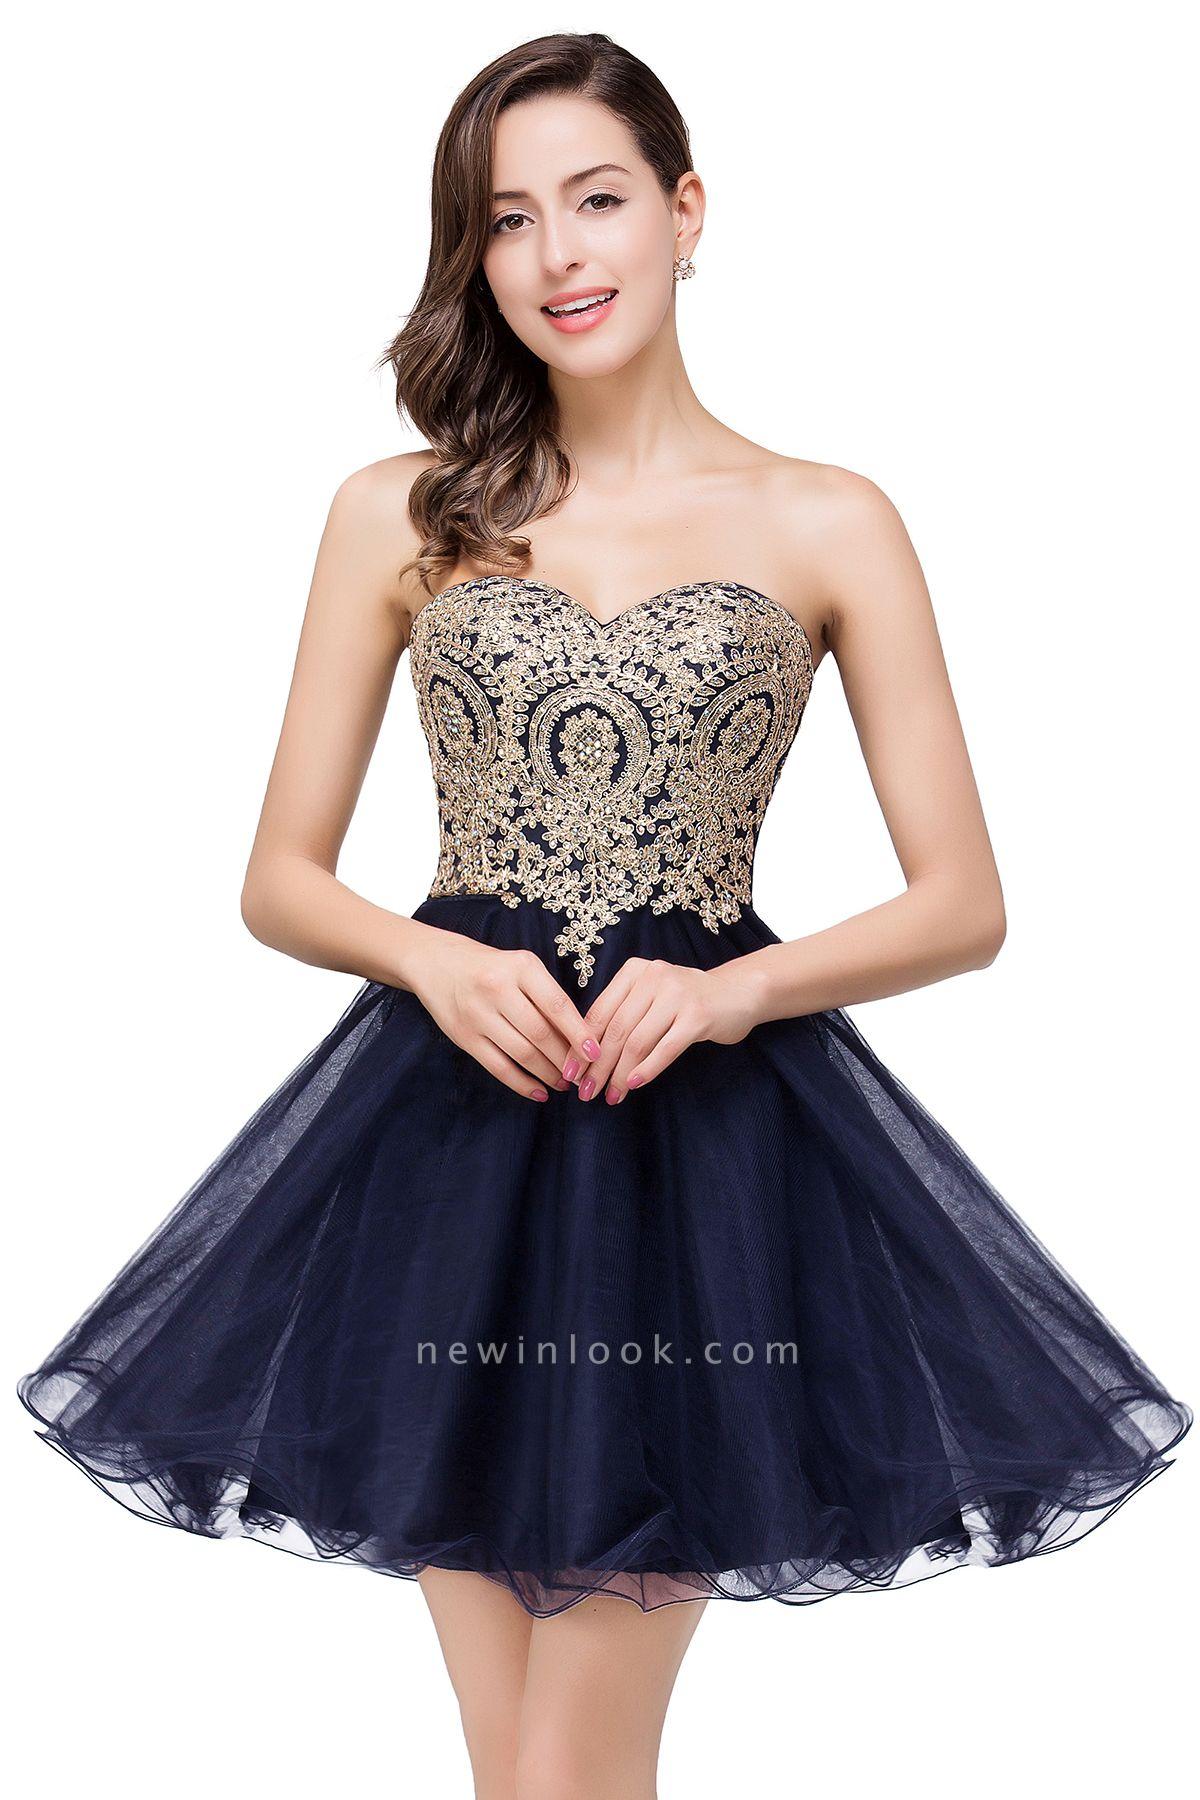 Gabriela | A Line Lace Appliques Sweetheart Short Quince Dama Dresses